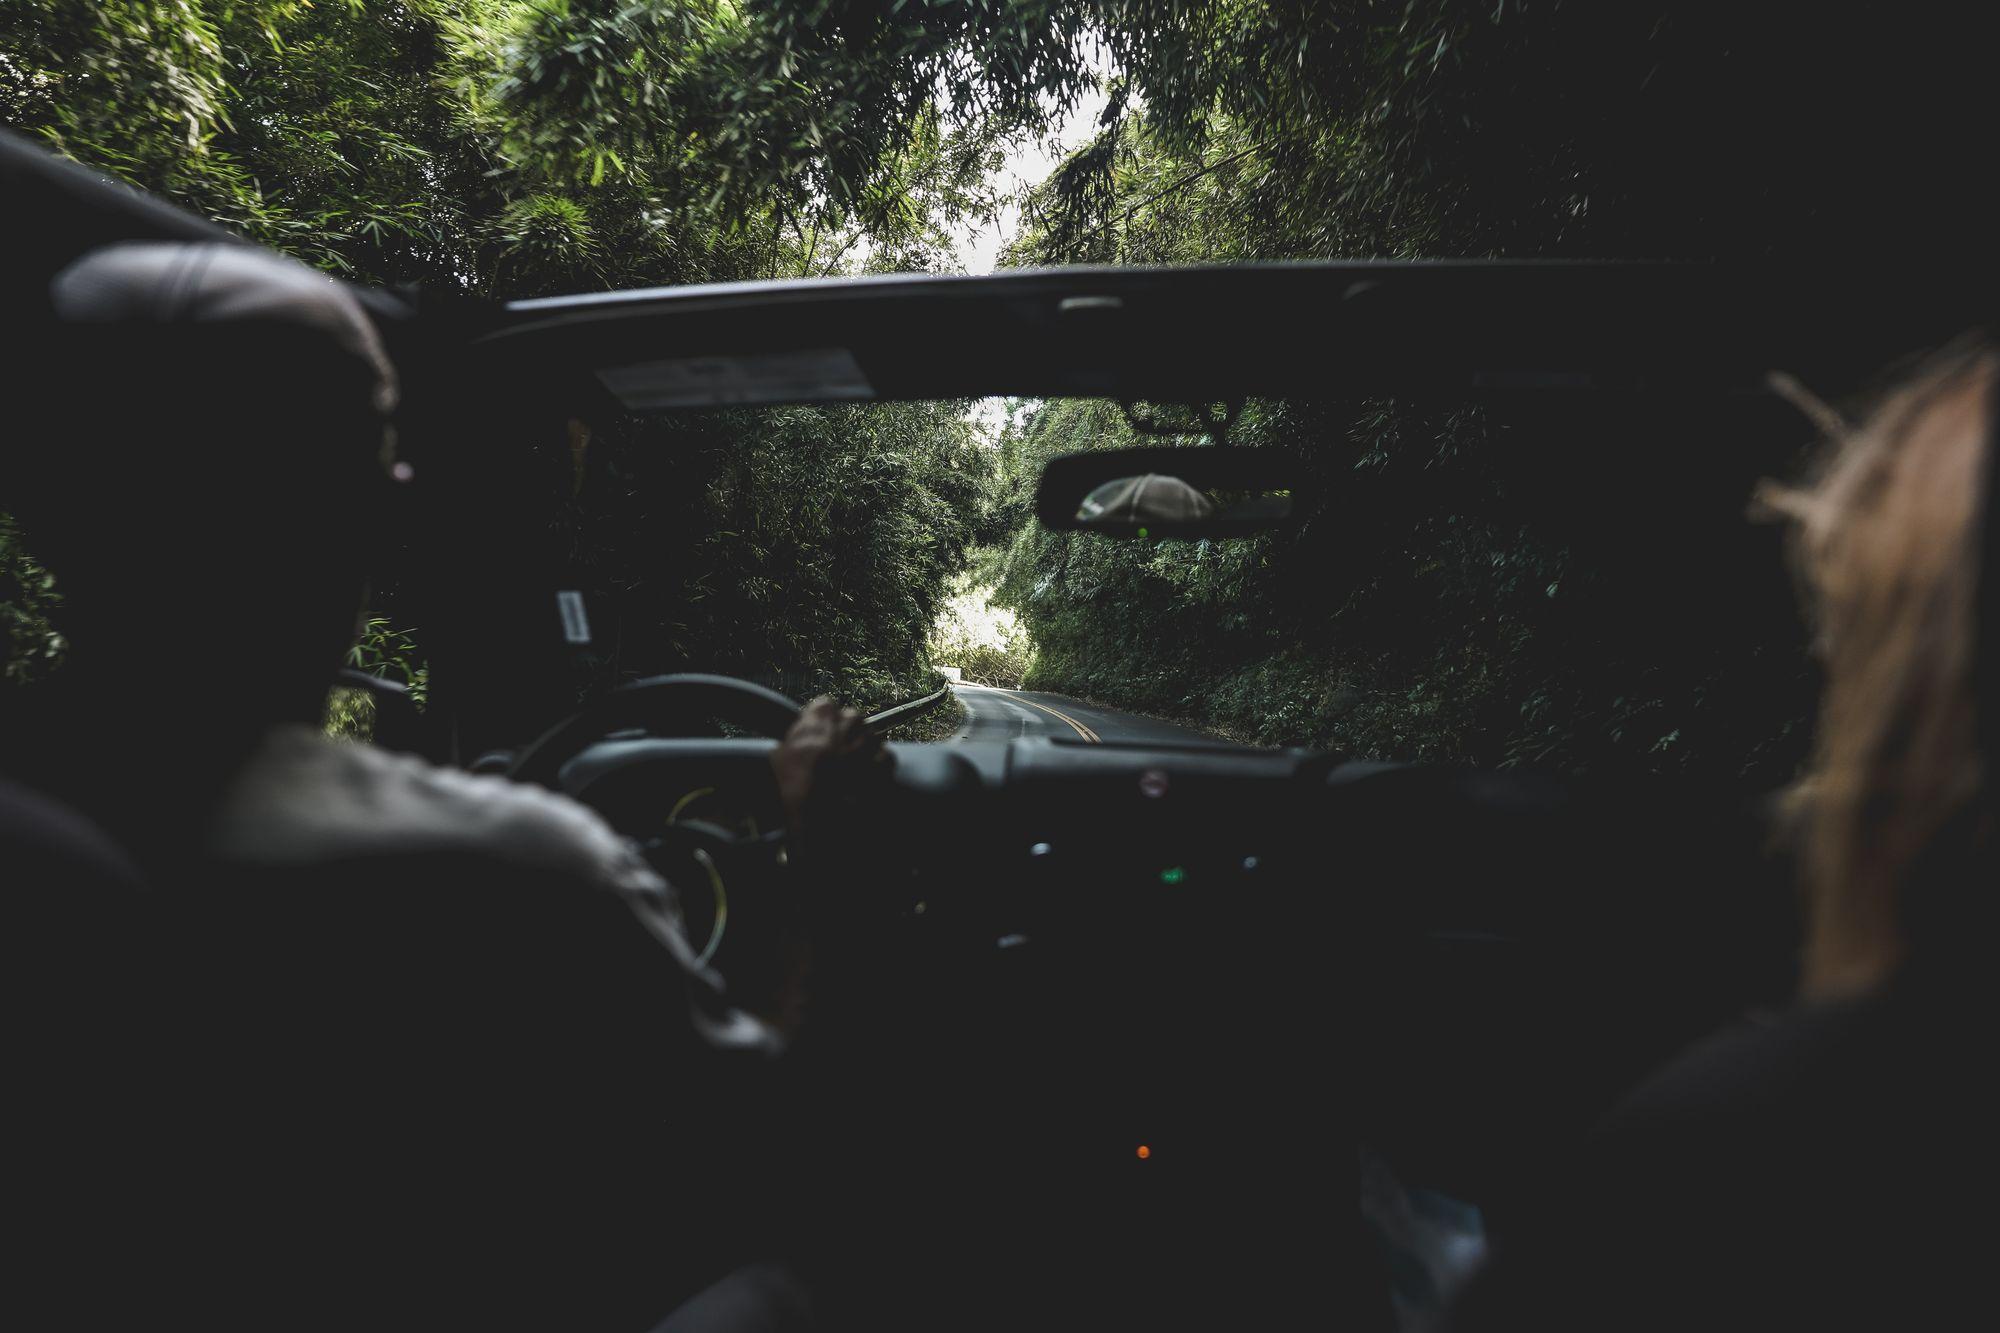 Δύο άνθρωποι μέσα σε κάμπριο αυτοκίνητο σε δρόμο με δέντρα